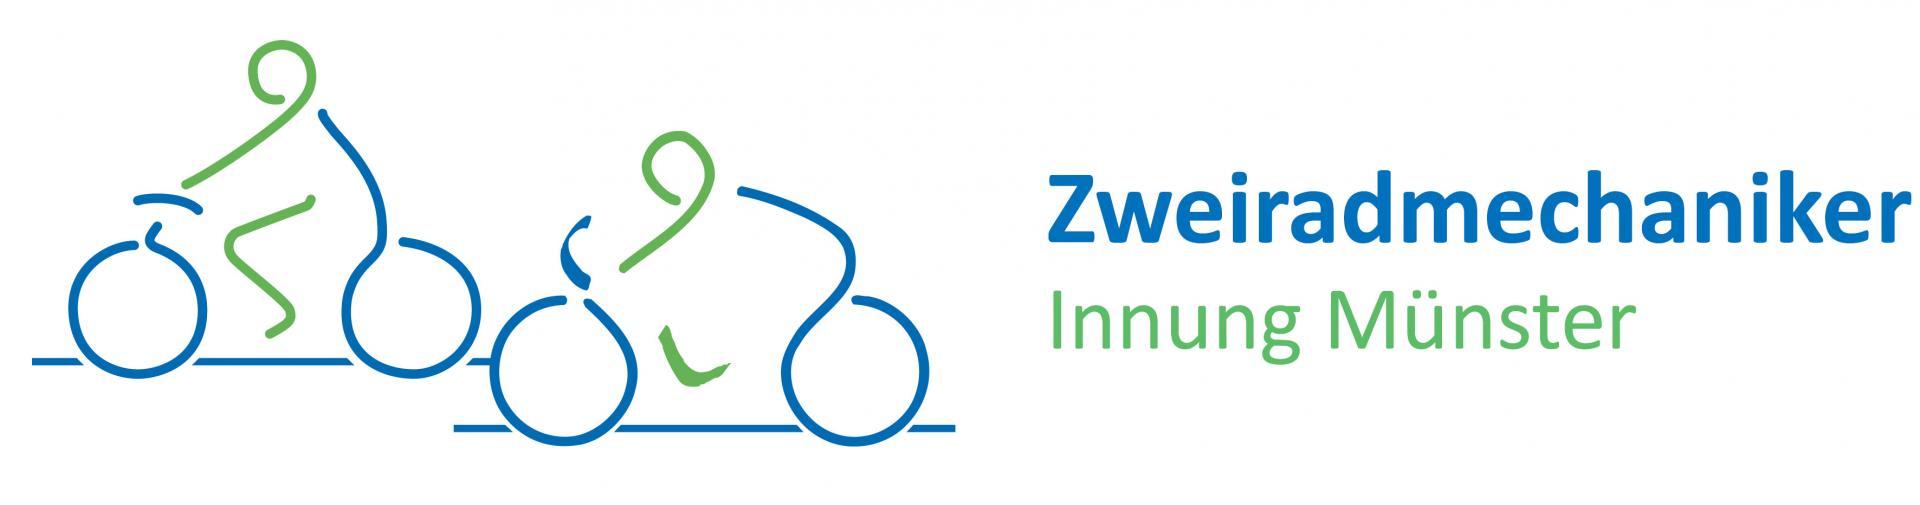 Zweiradmechaniker Innung Münster